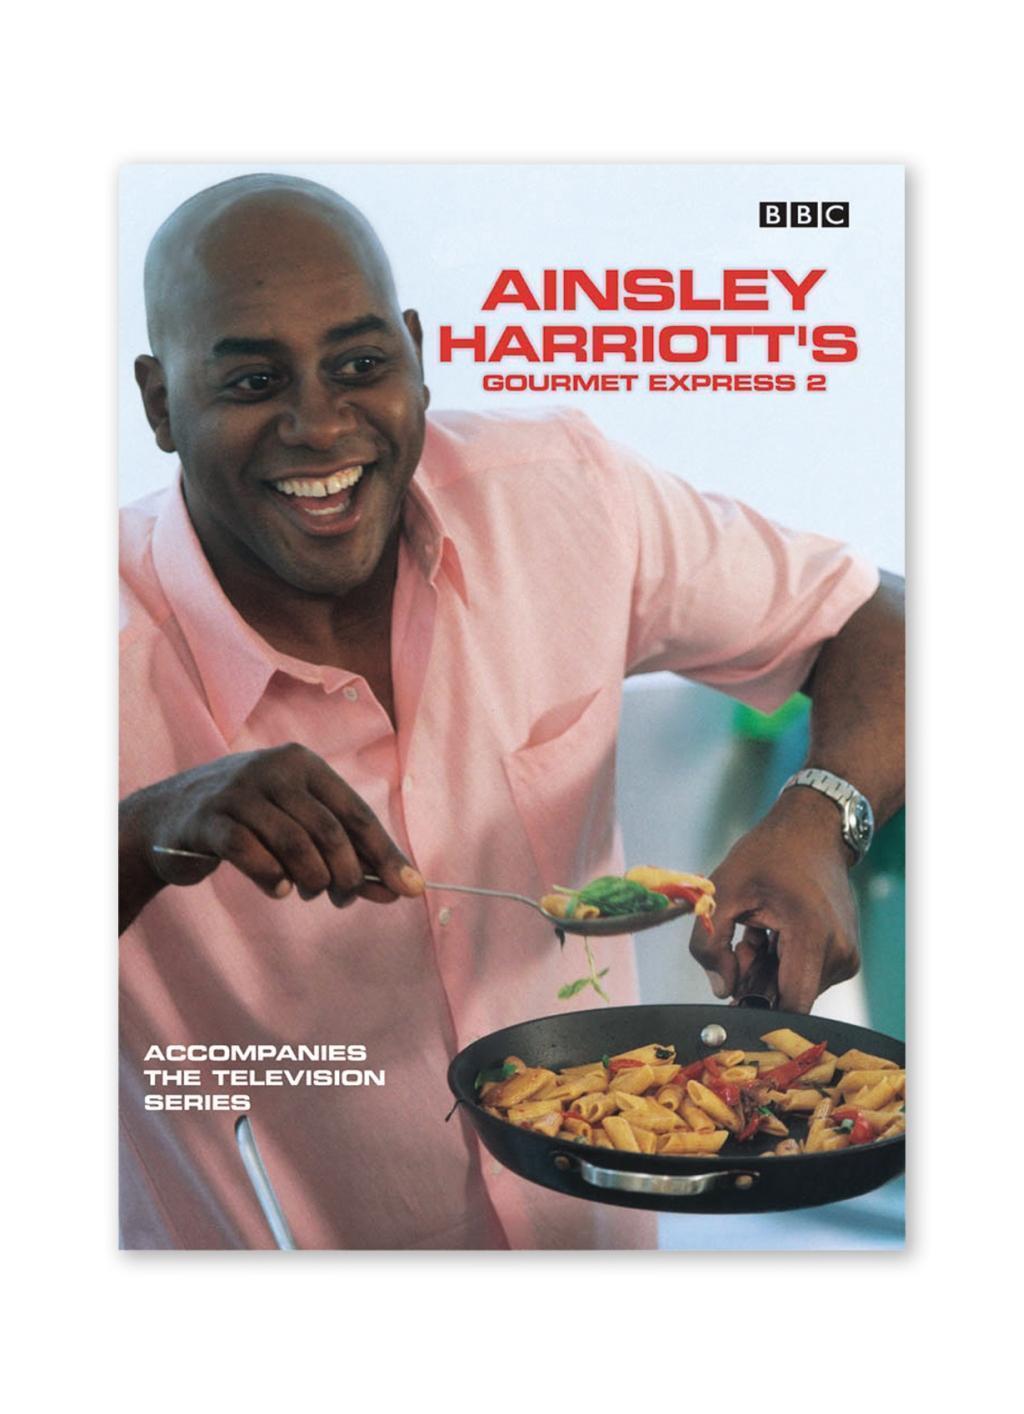 Ainsley Harriott's Gourmet Express 2